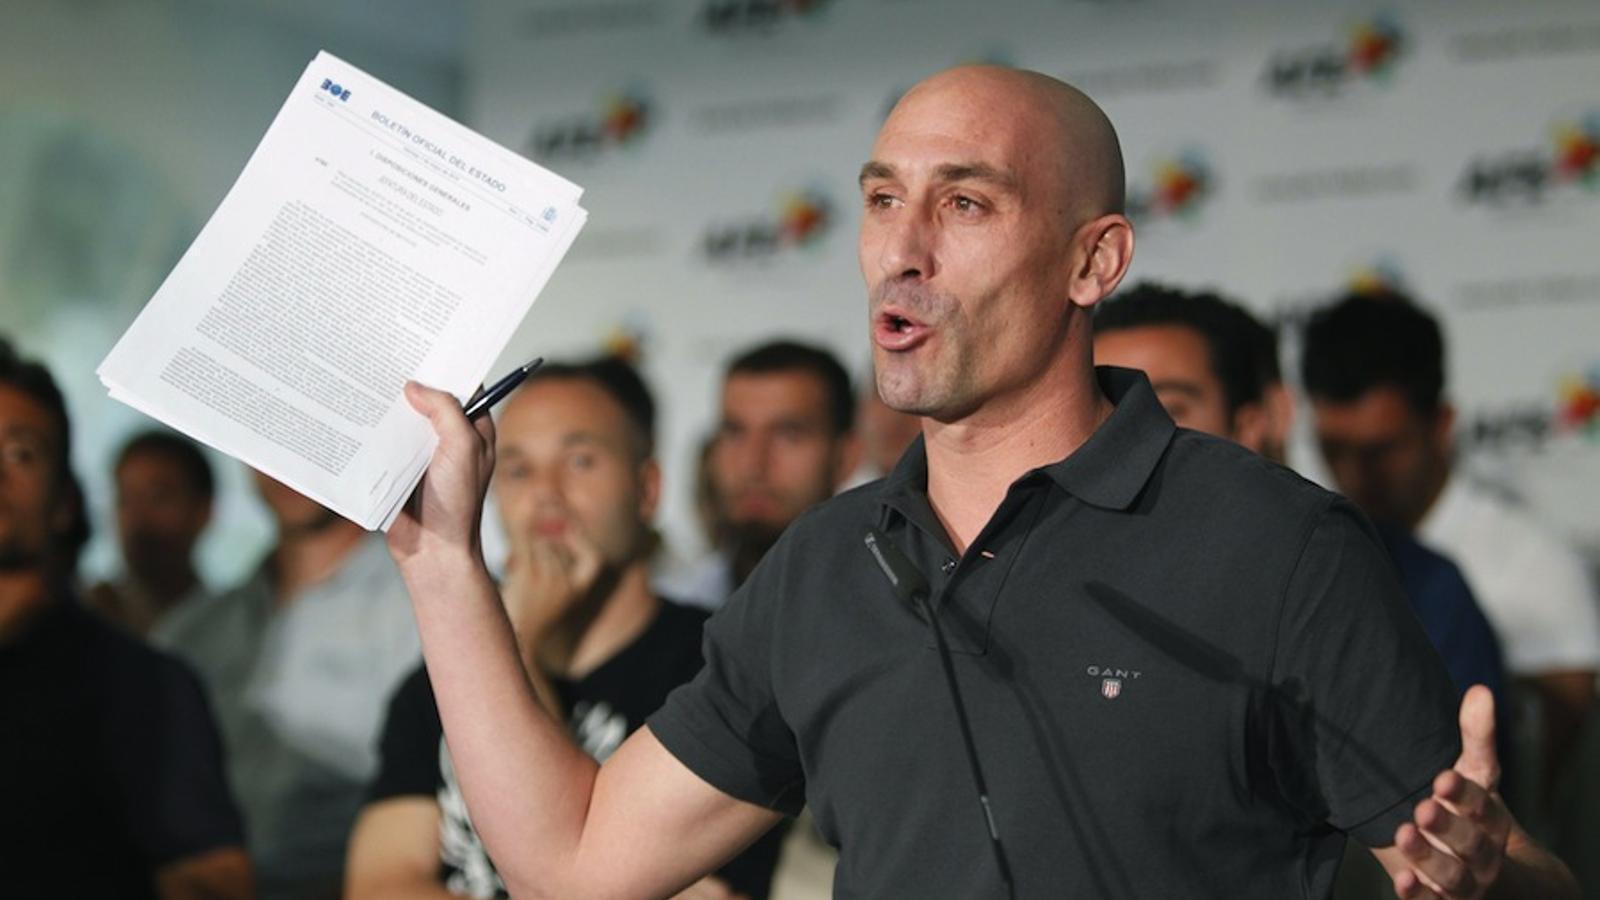 Luis Rubiales, president de l'Associació de Futbolistes (AFE) / VÍCTOR LERENA / EFE